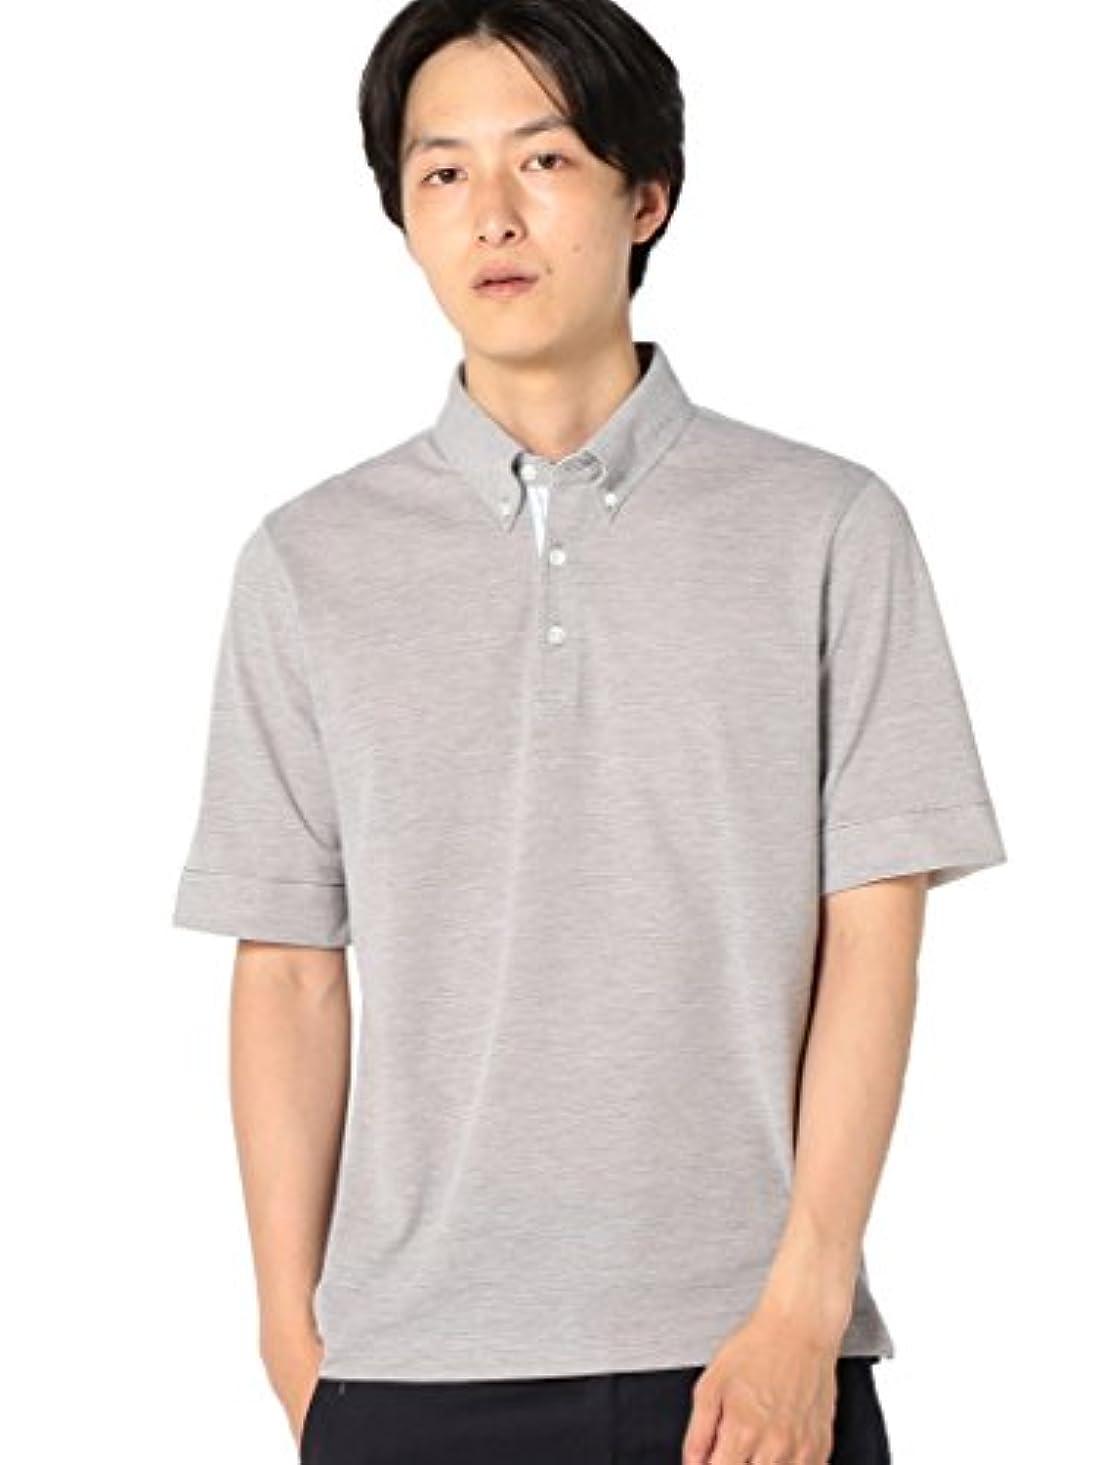 石のスケルトン団結(シップス) SHIPS tシャツ SC: COOLMAX(R) コットン/リネン カノコ ボタンダウン ポロシャツ□ 112120890